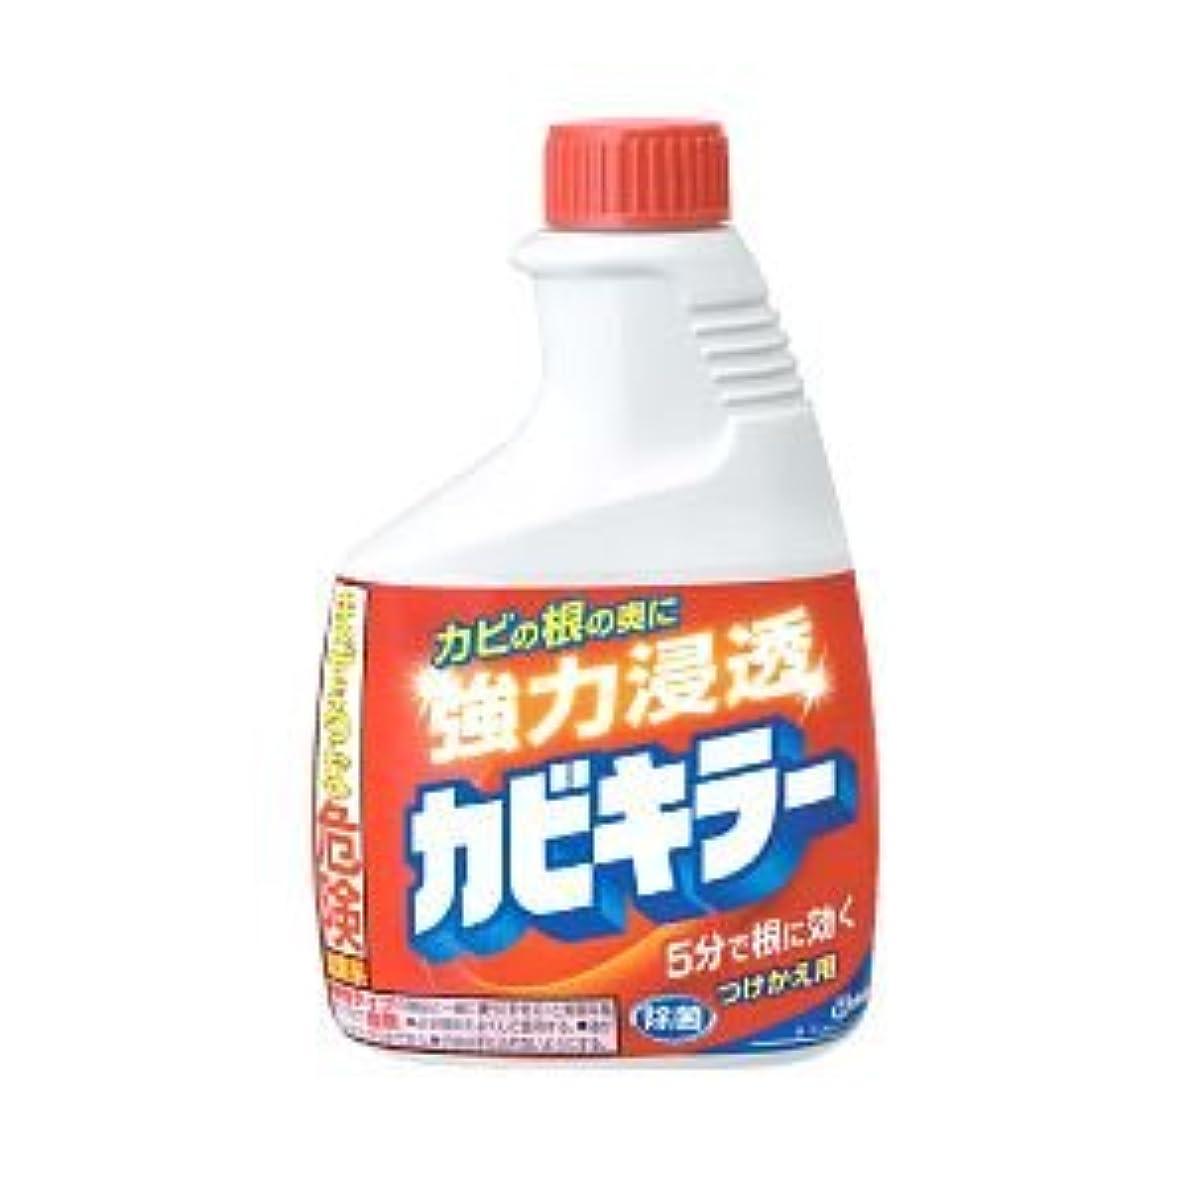 メタリック女優高尚な(業務用セット) ジョンソン カビキラー つけ替用 【×10セット】